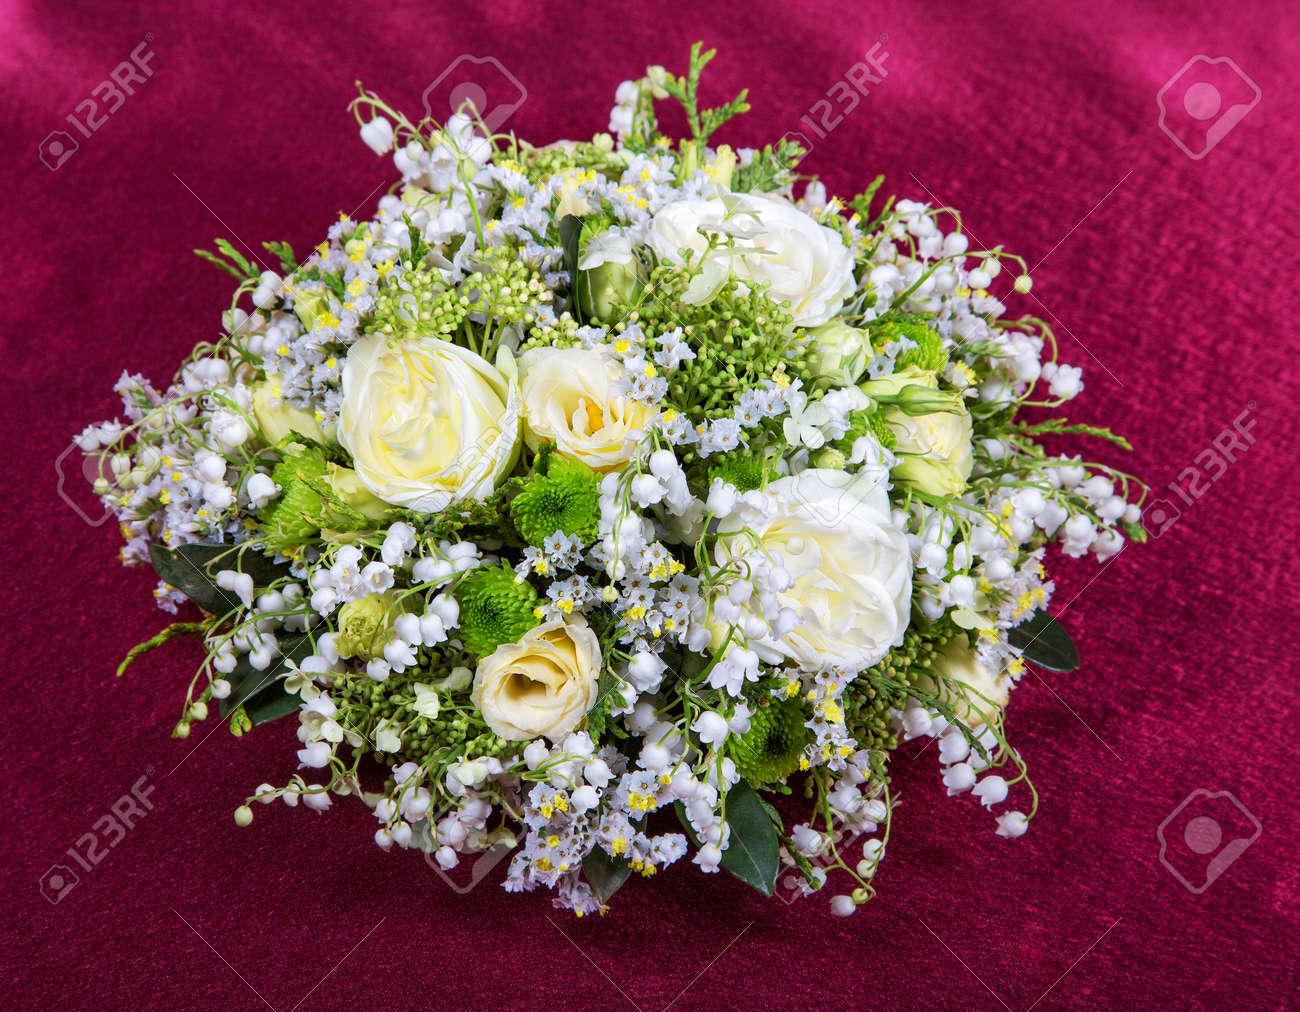 Hochzeitsstrauss Aus Lilien Und Rose Auf Rotem Stoff Lizenzfreie